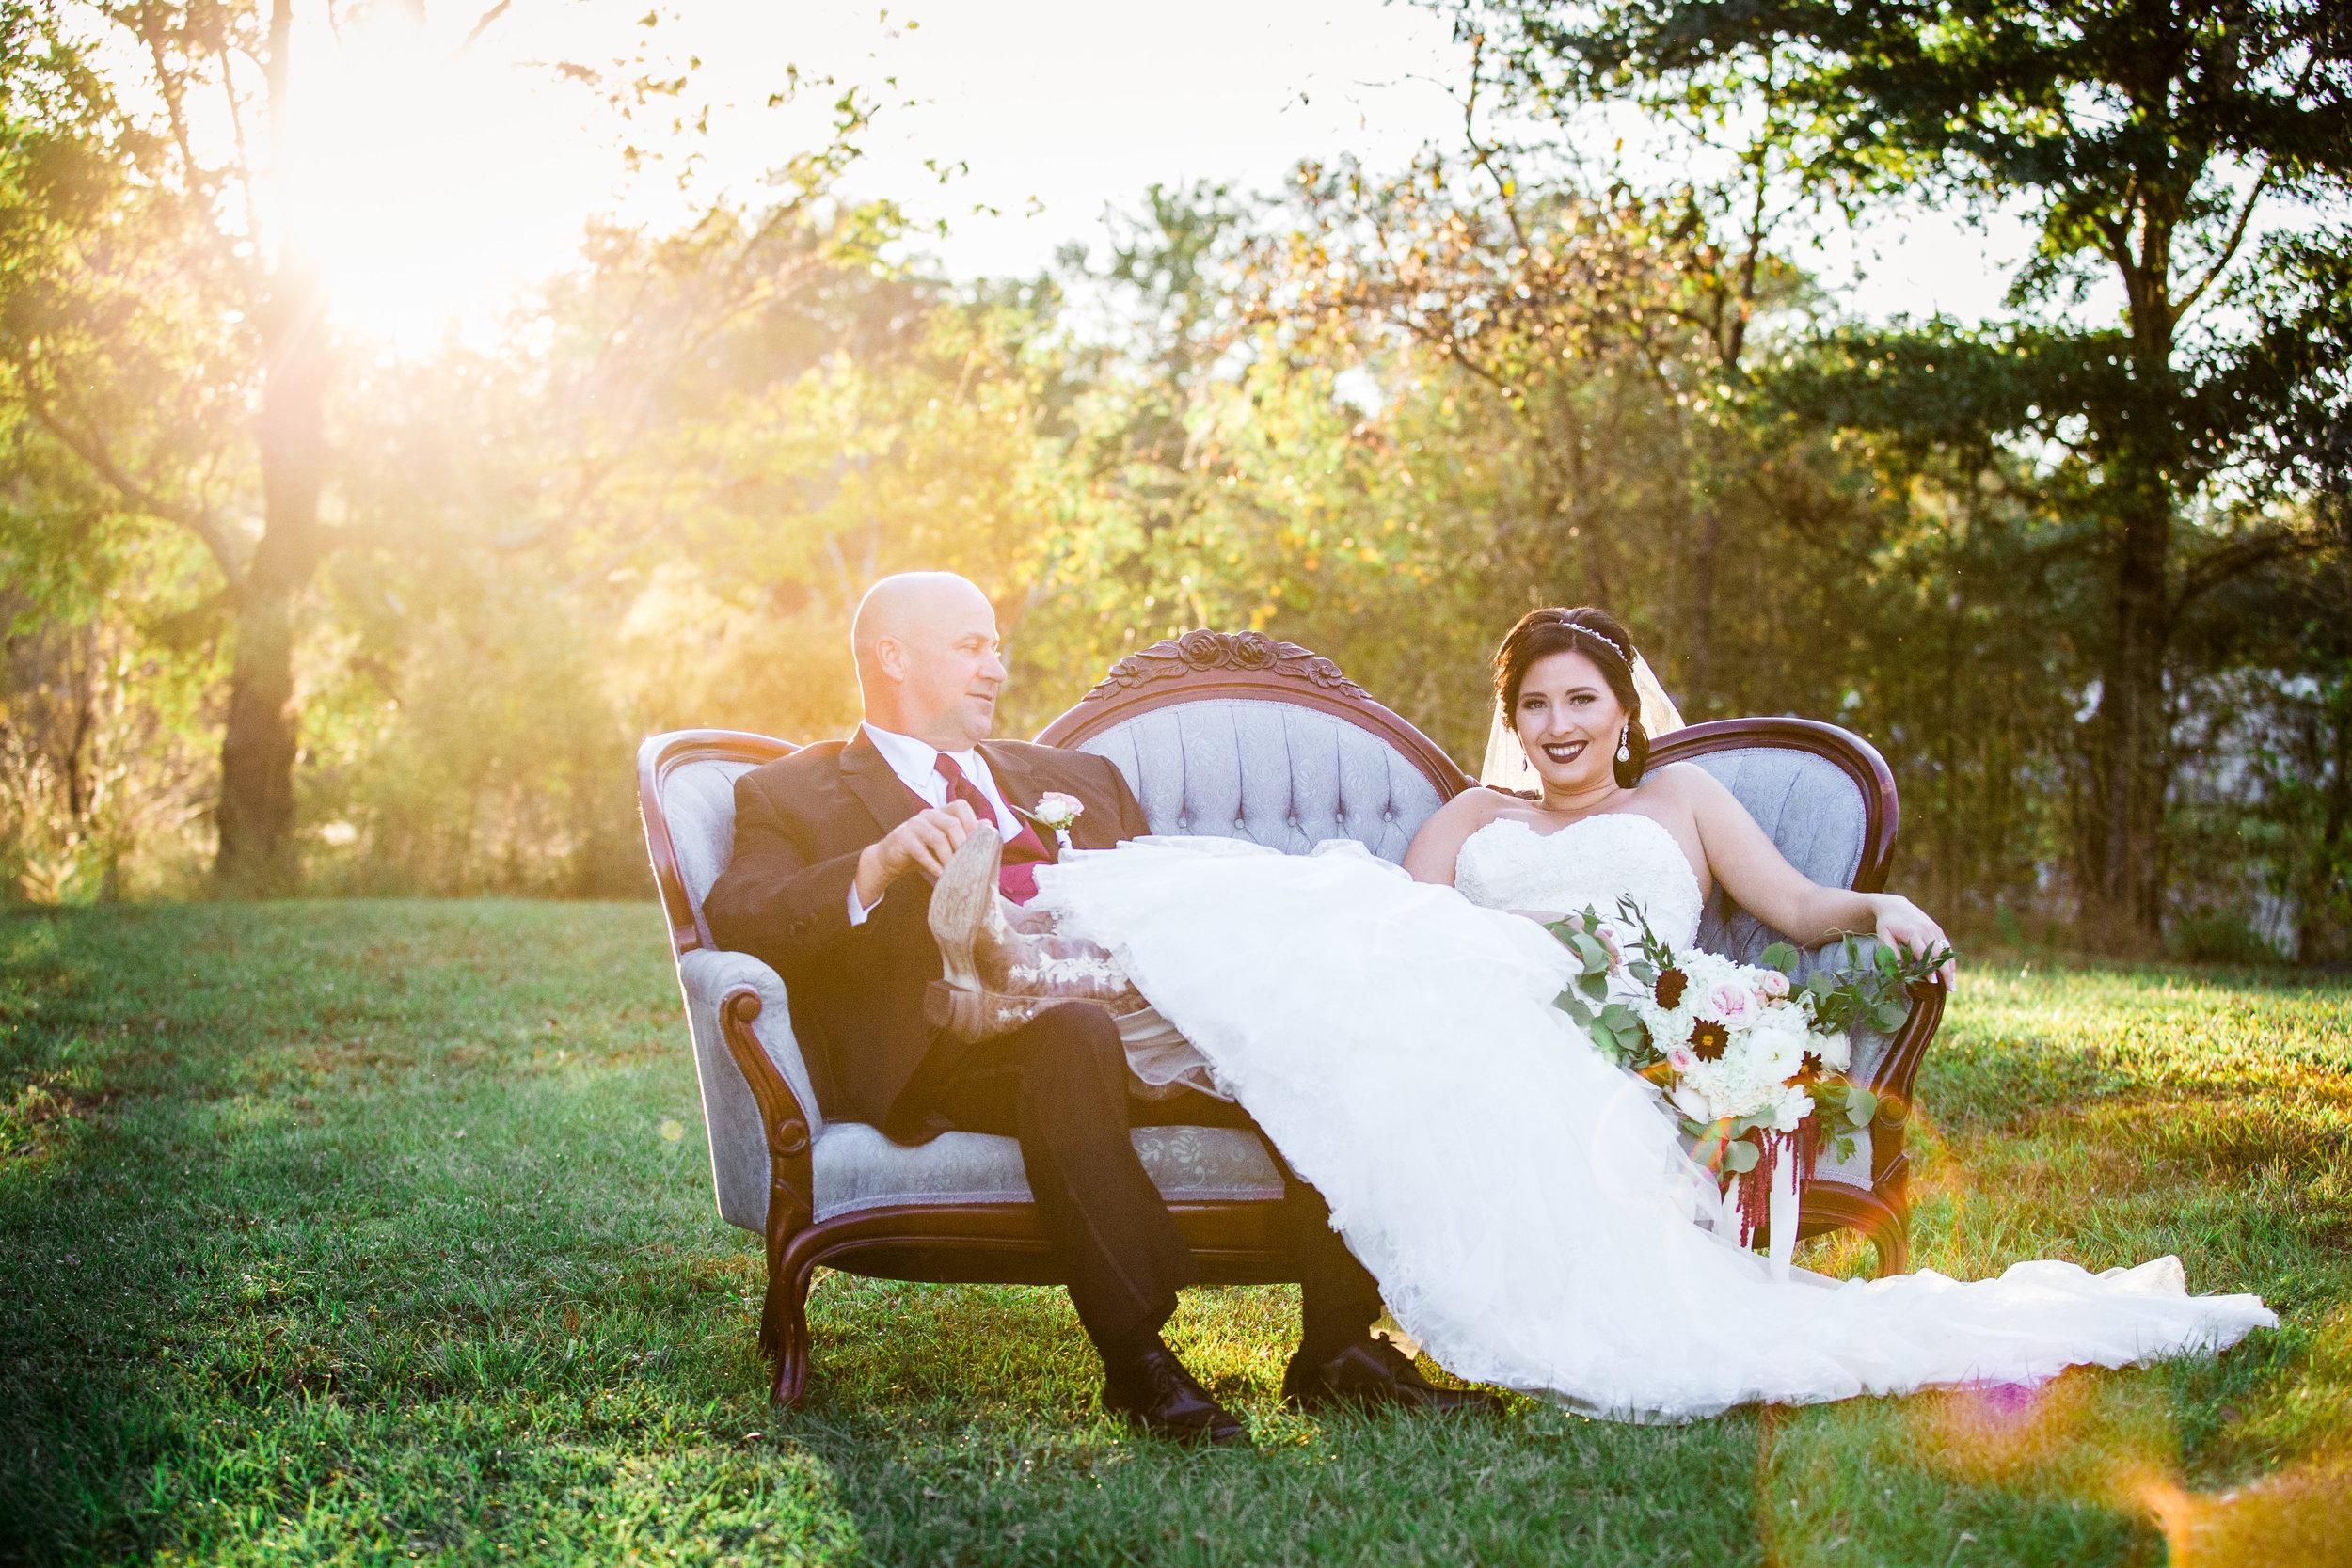 Barn-Wedding-Ates-Ranch-Wedding-Photo-Photography-Video-Videography-Pensacola-Florida-Courtney-Clint-41.jpg